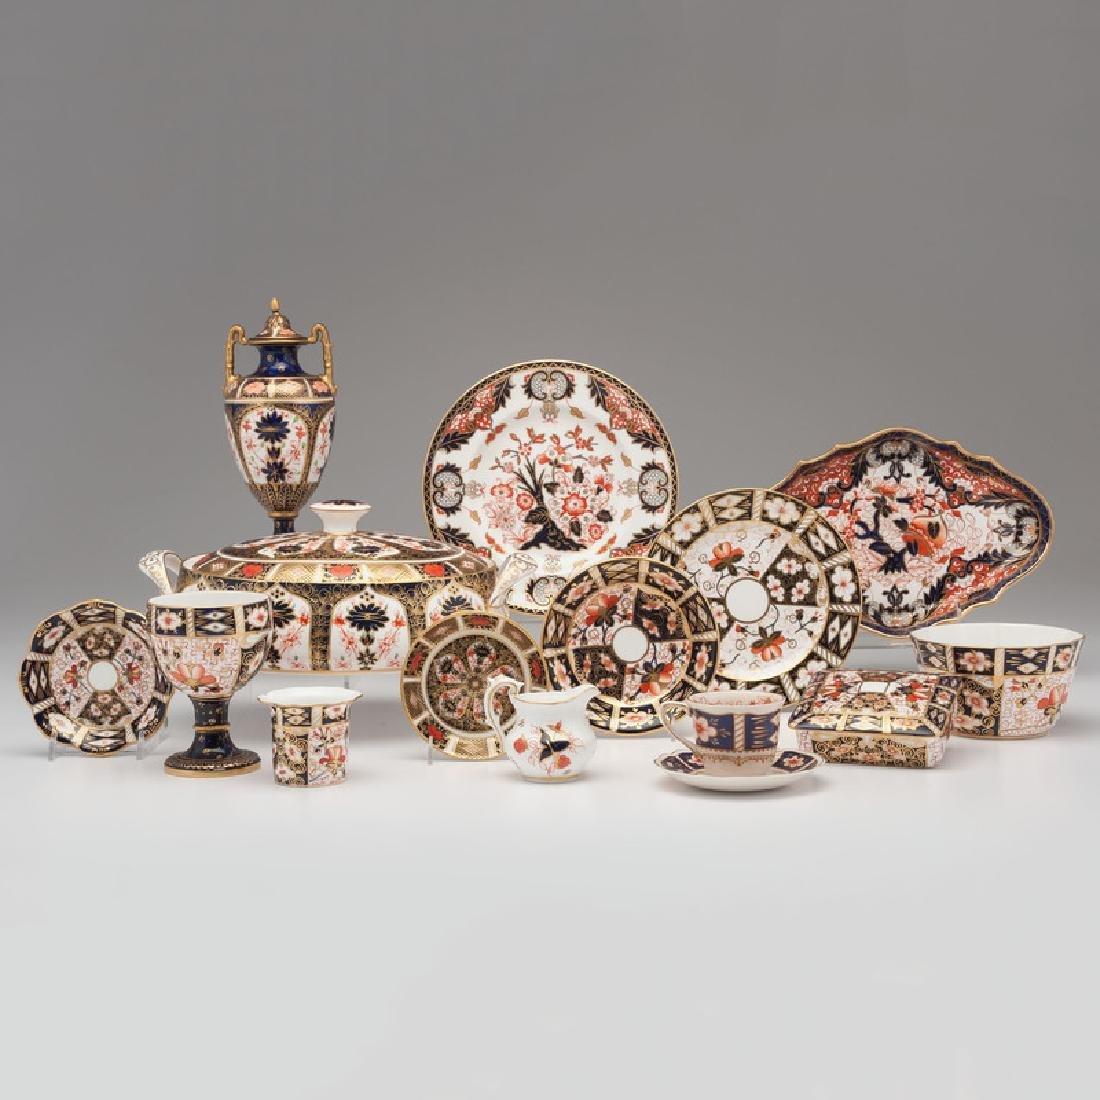 Royal Crown Derby Porcelain Tablewares, Plus